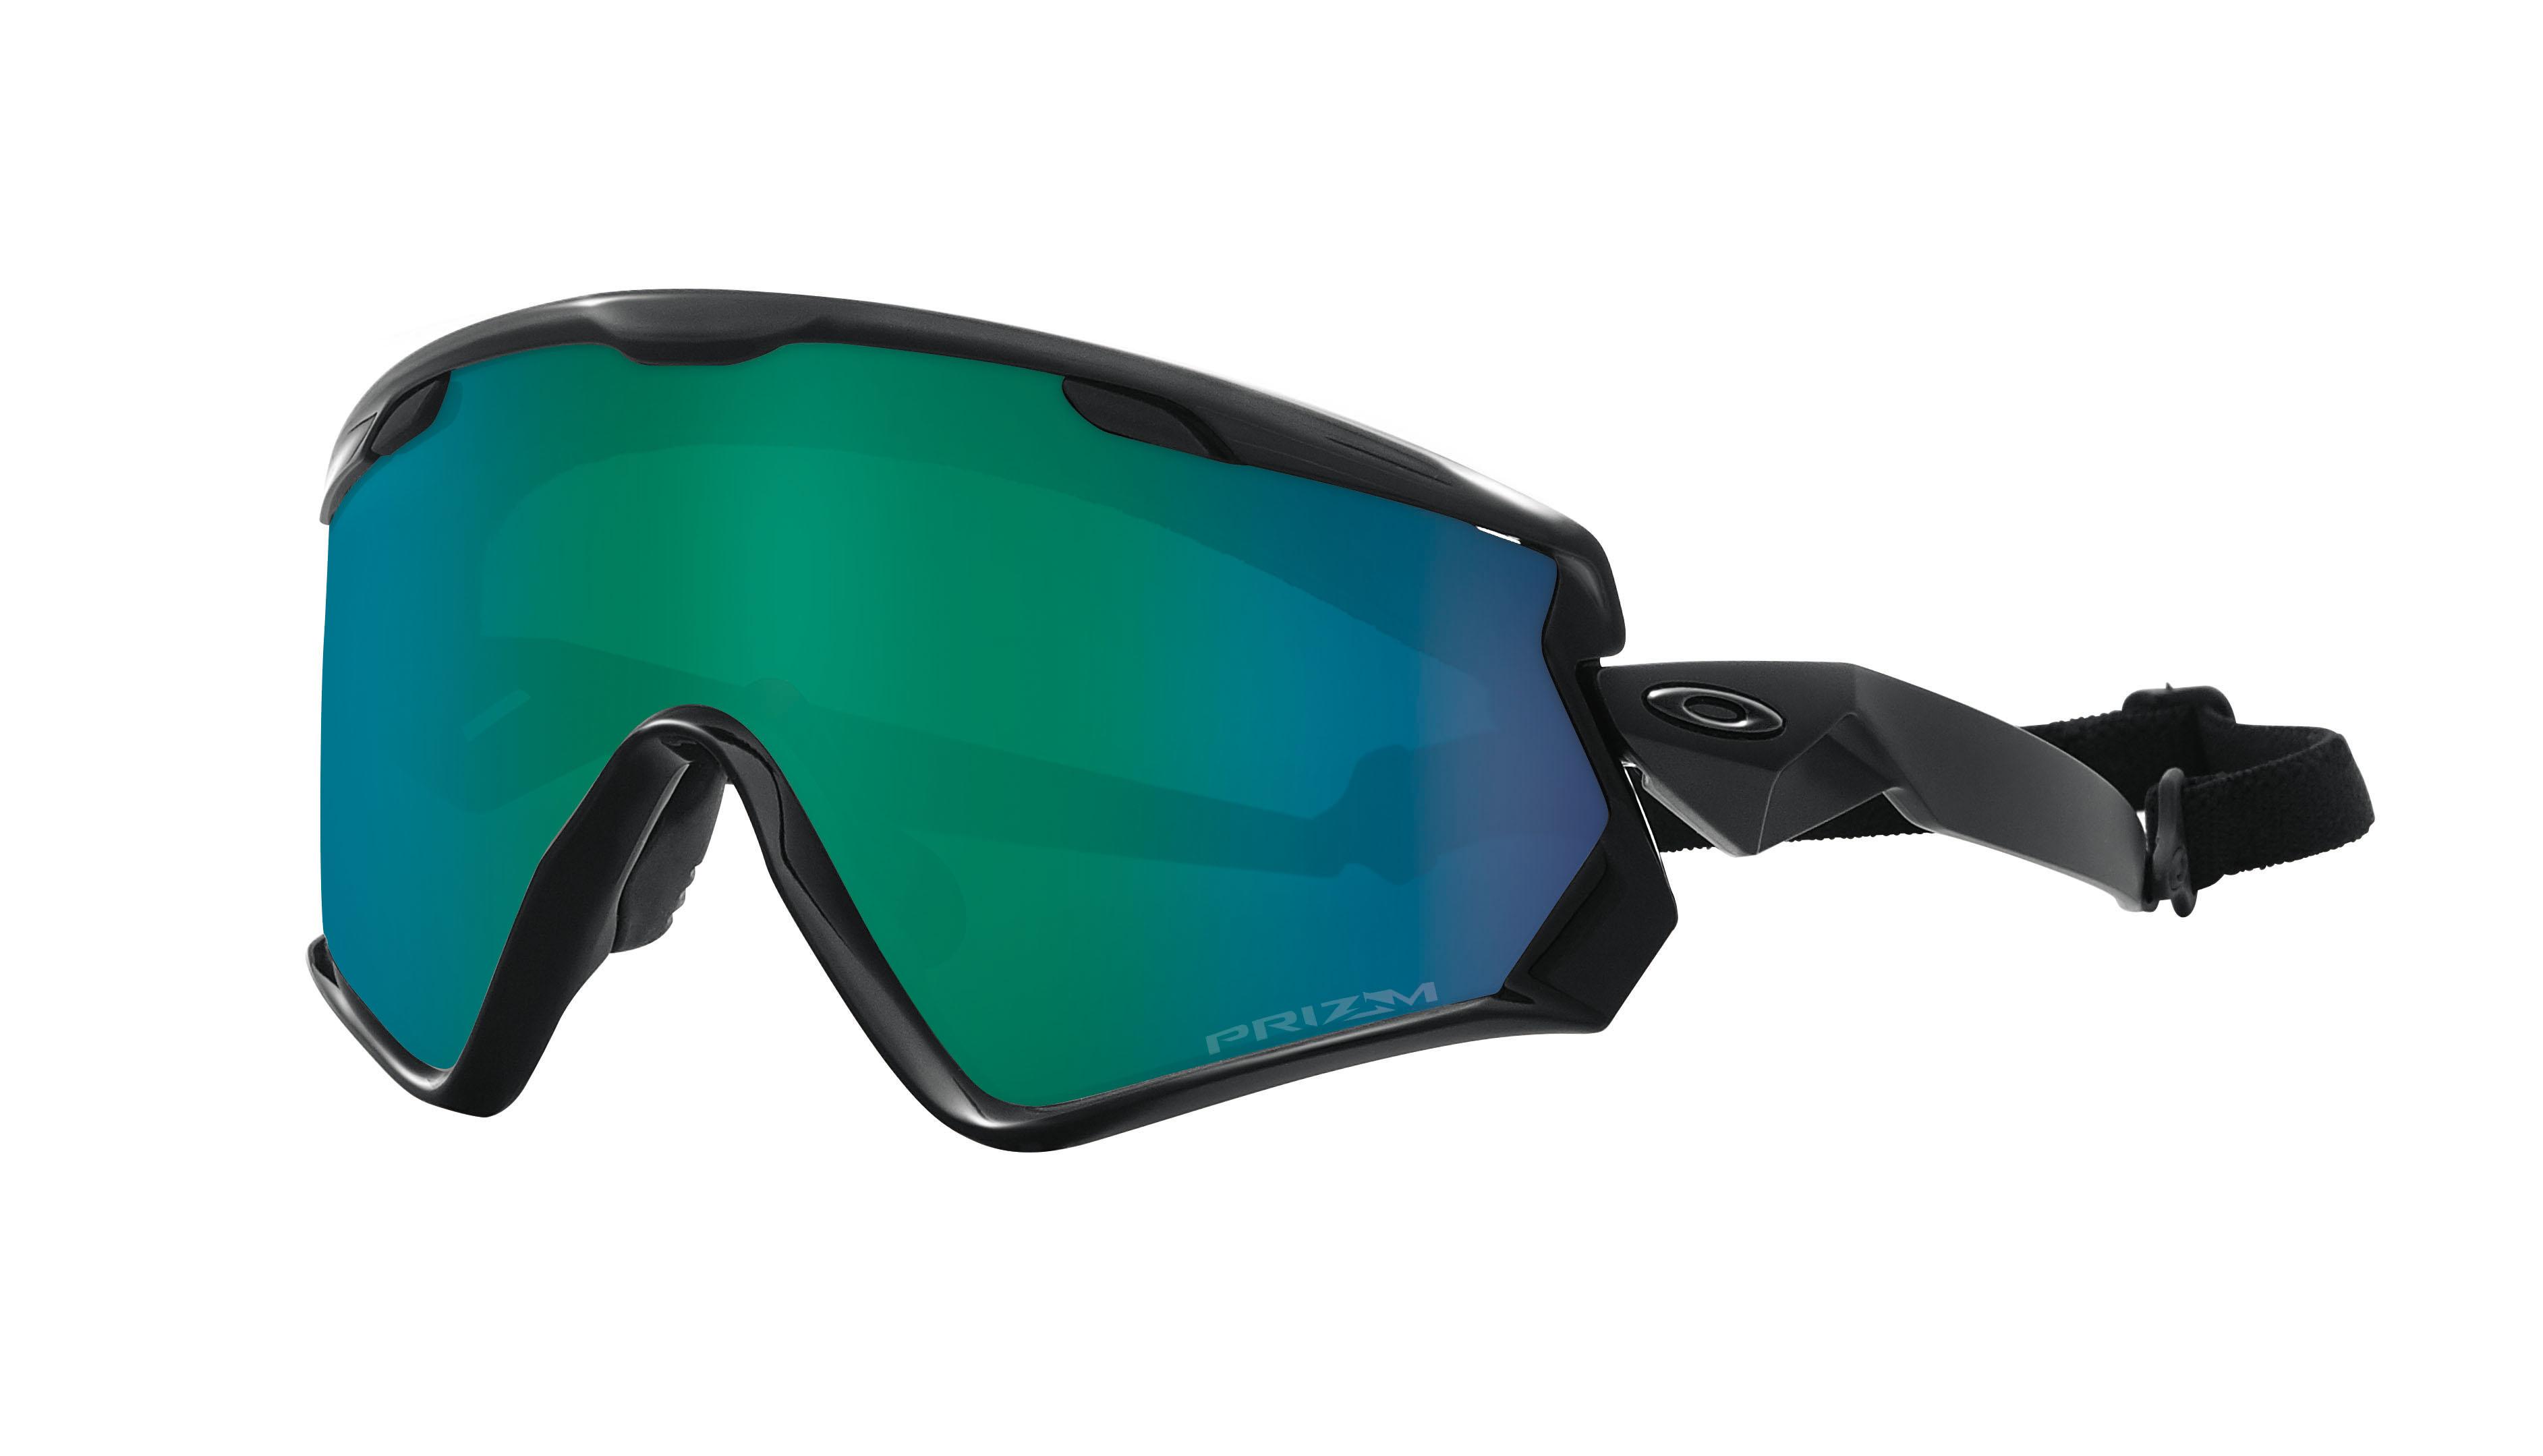 oakley sonnenbrille schmal